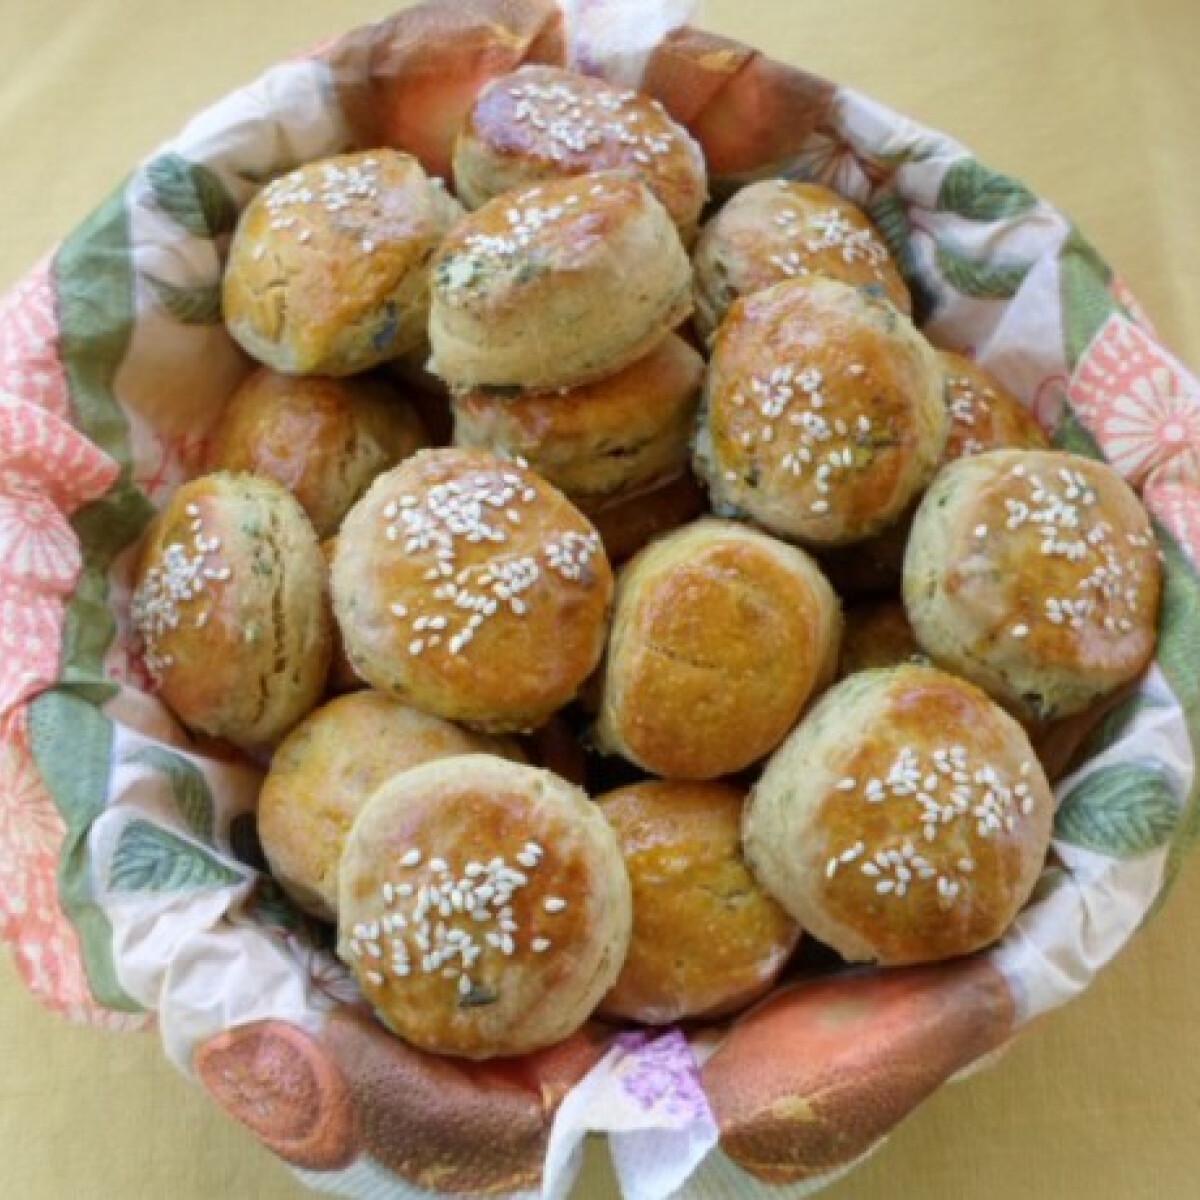 Ezen a képen: Tökmagos-krumplis pogácsa